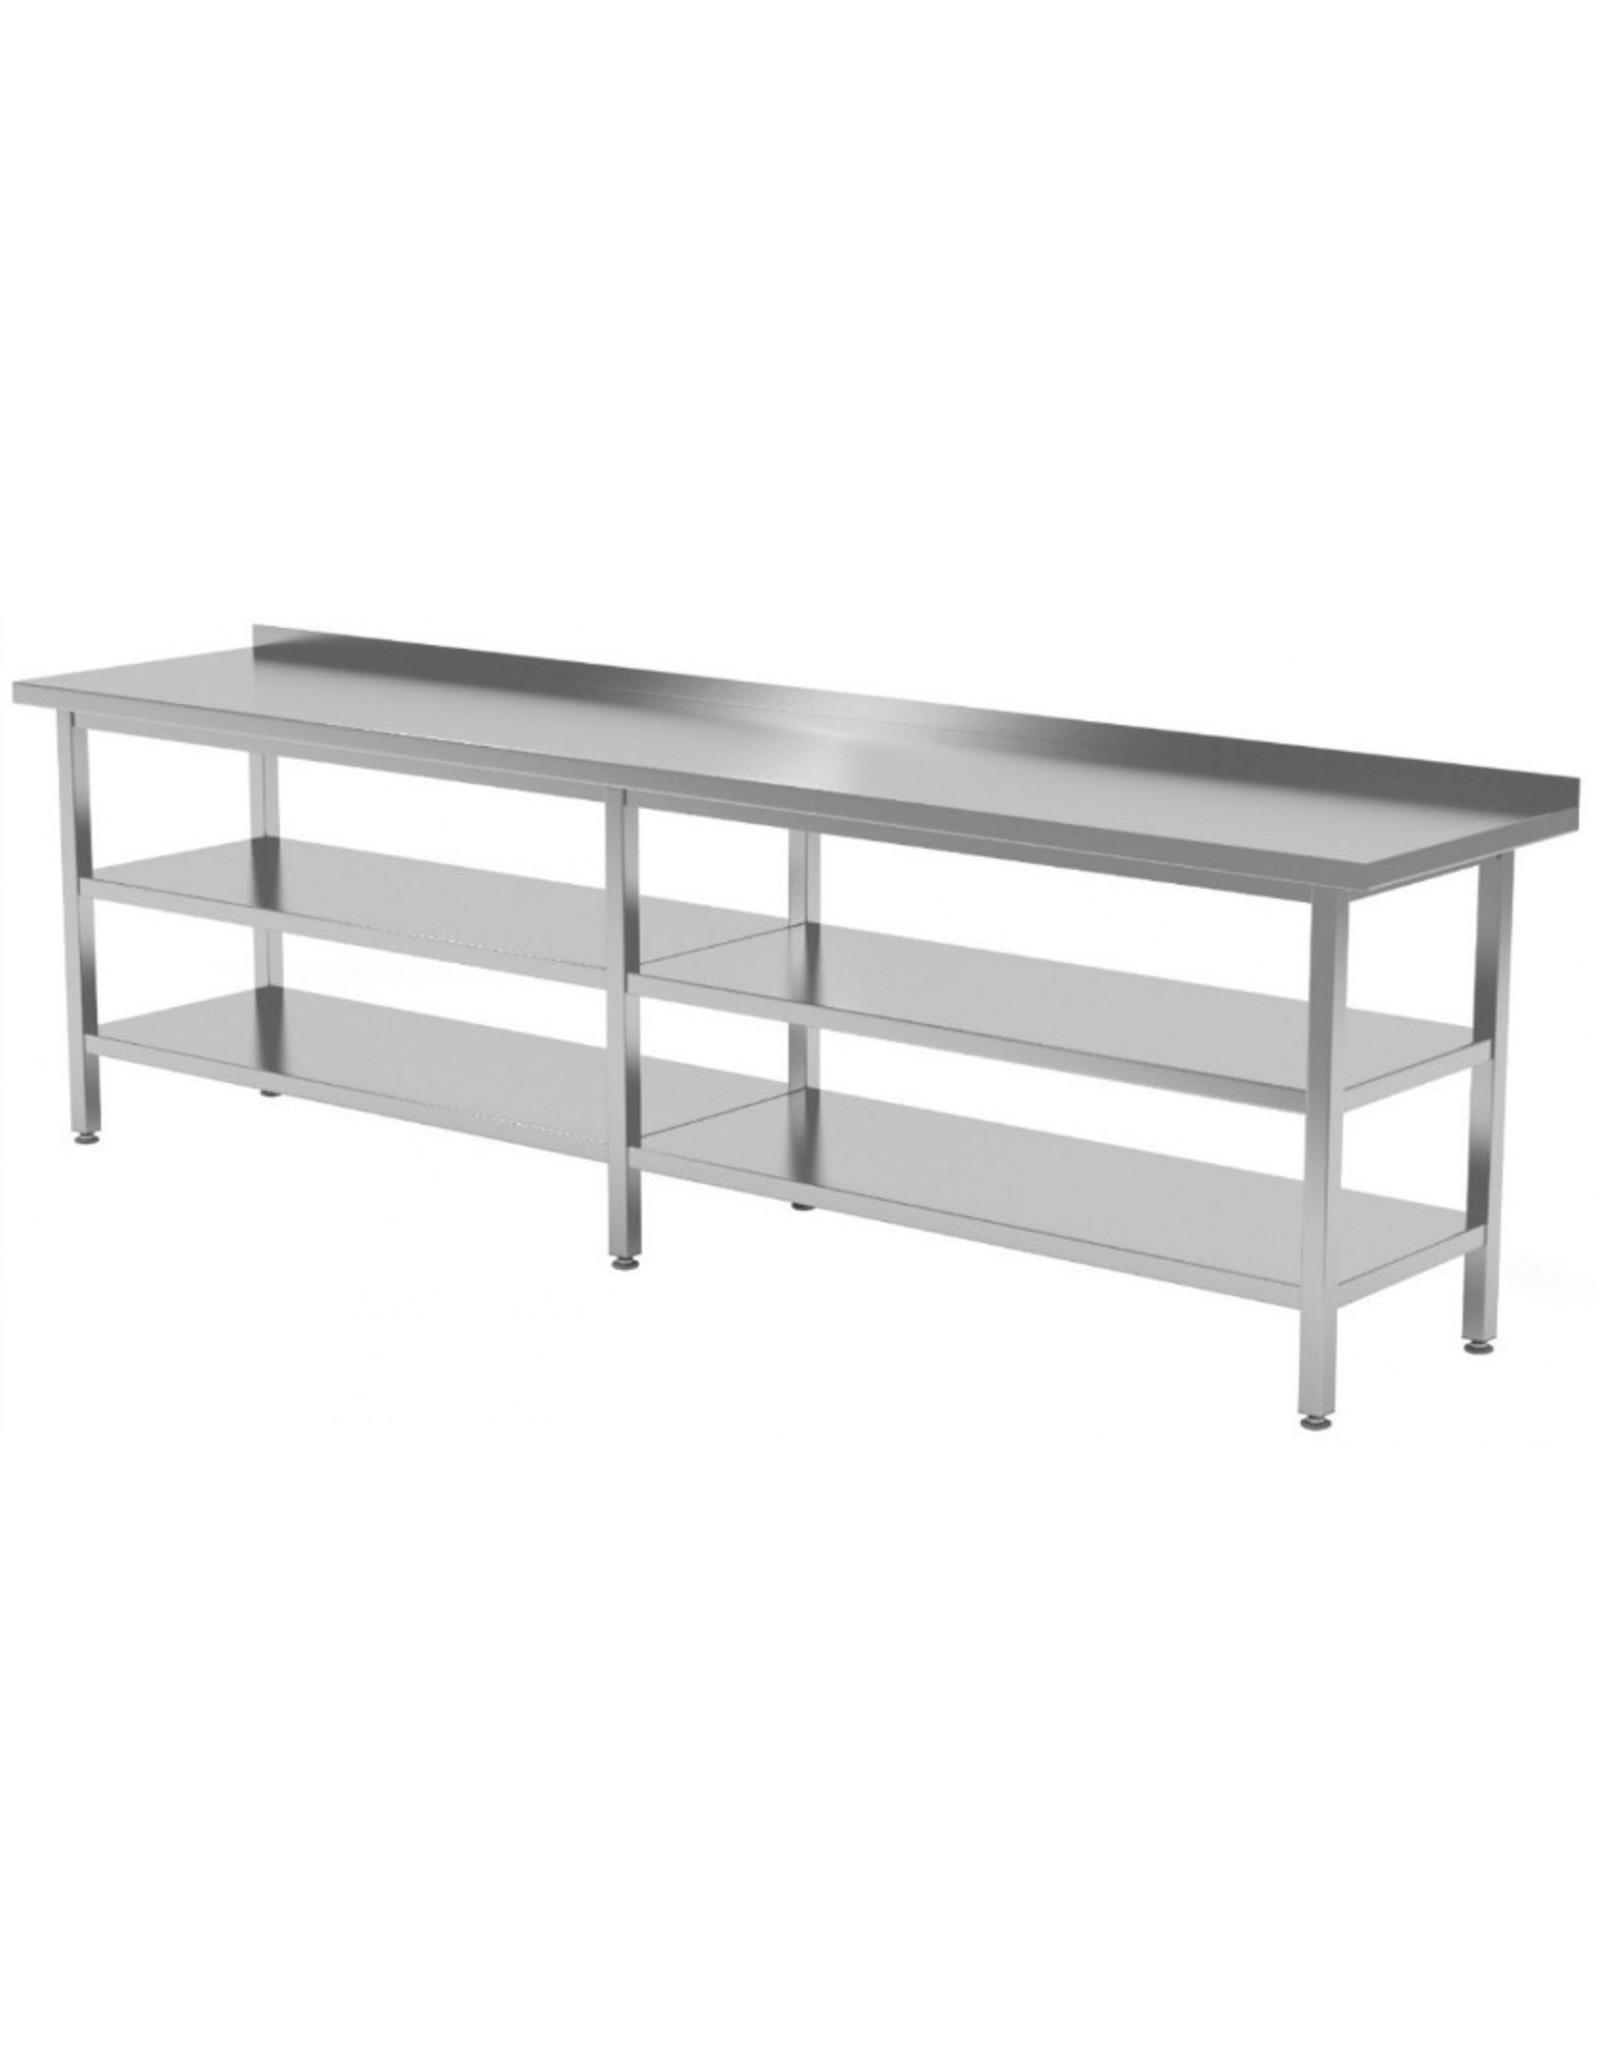 Werktafel met dubbele onderplank   2000-2800mm breed   600 of 700mm diep